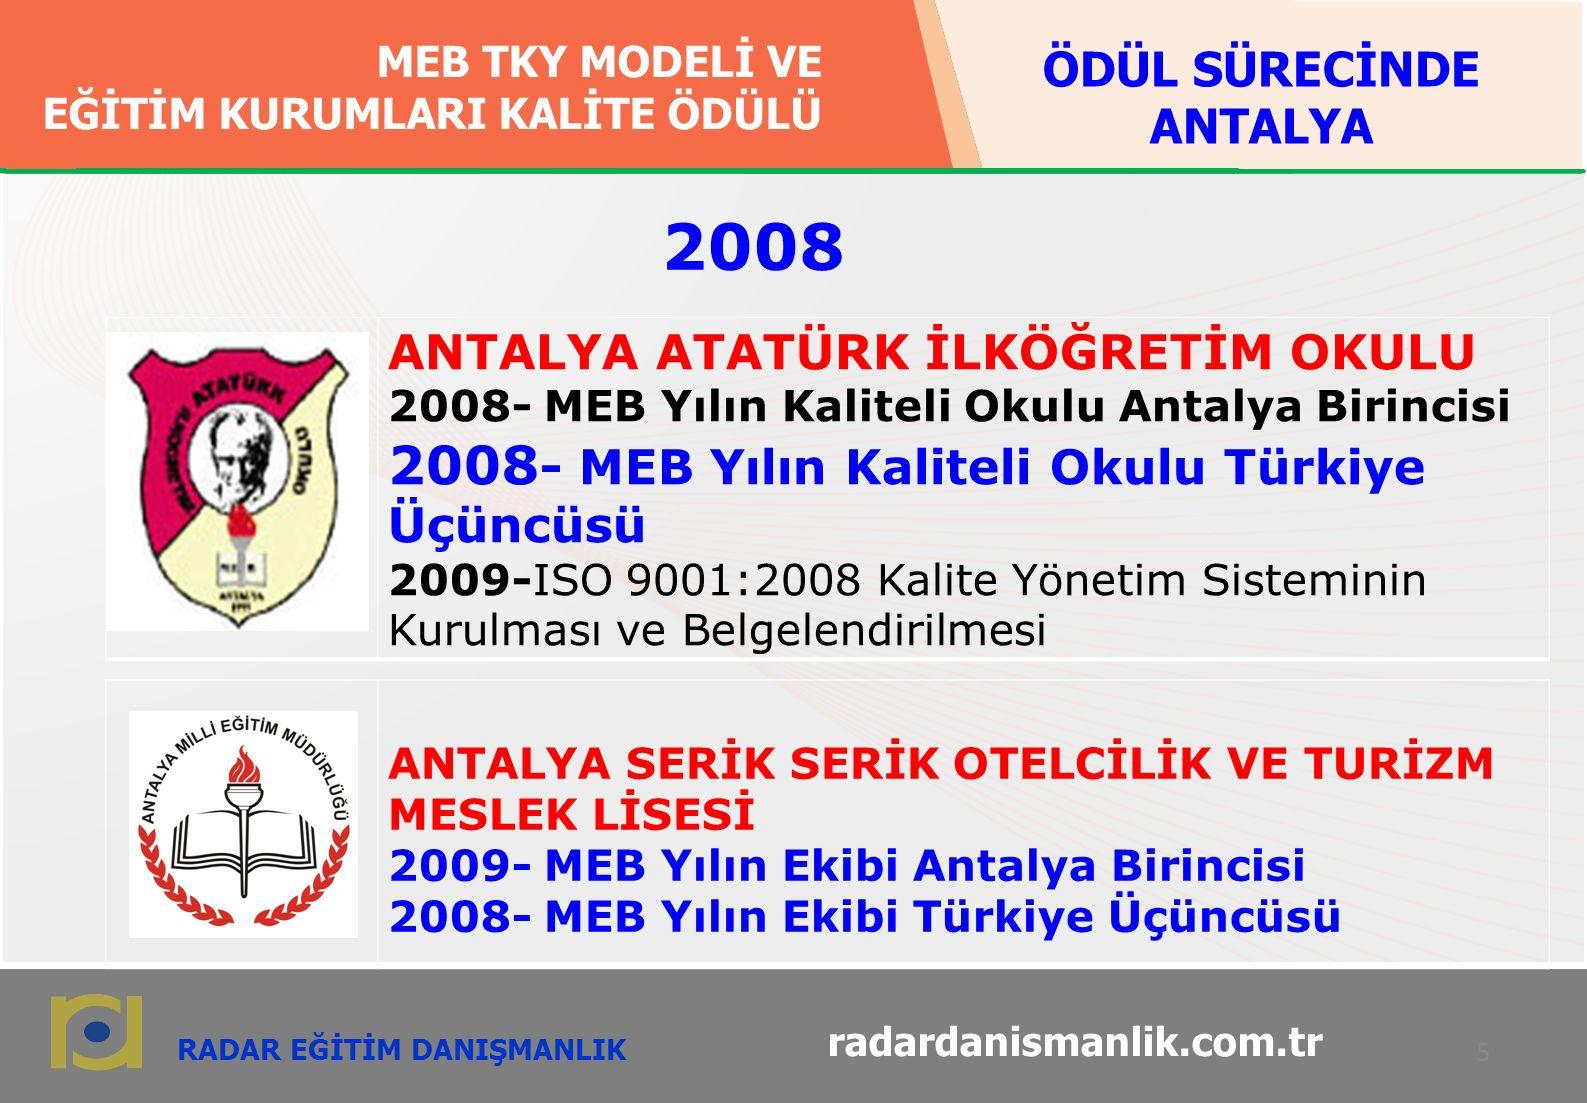 RADAR EĞİTİM DANIŞMANLIK MEB TKY MODELİ VE EĞİTİM KURUMLARI KALİTE ÖDÜLÜ MEB TKY MODELİ VE EĞİTİM KURUMLARI KALİTE ÖDÜLÜ 6 radardanismanlik.com.tr ANTALYA KEMER MERKEZ İLKÖĞRETİM OKULU 2009- MEB Yılın Kaliteli Okulu Antalya Birincisi 2009- MEB Yılın Kaliteli Okulu Türkiye Üçüncüsü 2009- ISO 9001:200 Kalite Yönetim Sisteminin Kurulması ve Belgelendirilmesi ANTALYA MURATPAŞA TİCARET MESLEK LİSESİ 2009- MEB Yılın Ekibi Antalya Birincisi 2009- MEB Yılın Ekibi Türkiye İkincisi 2009 ÖDÜL SÜRECİNDE ANTALYA